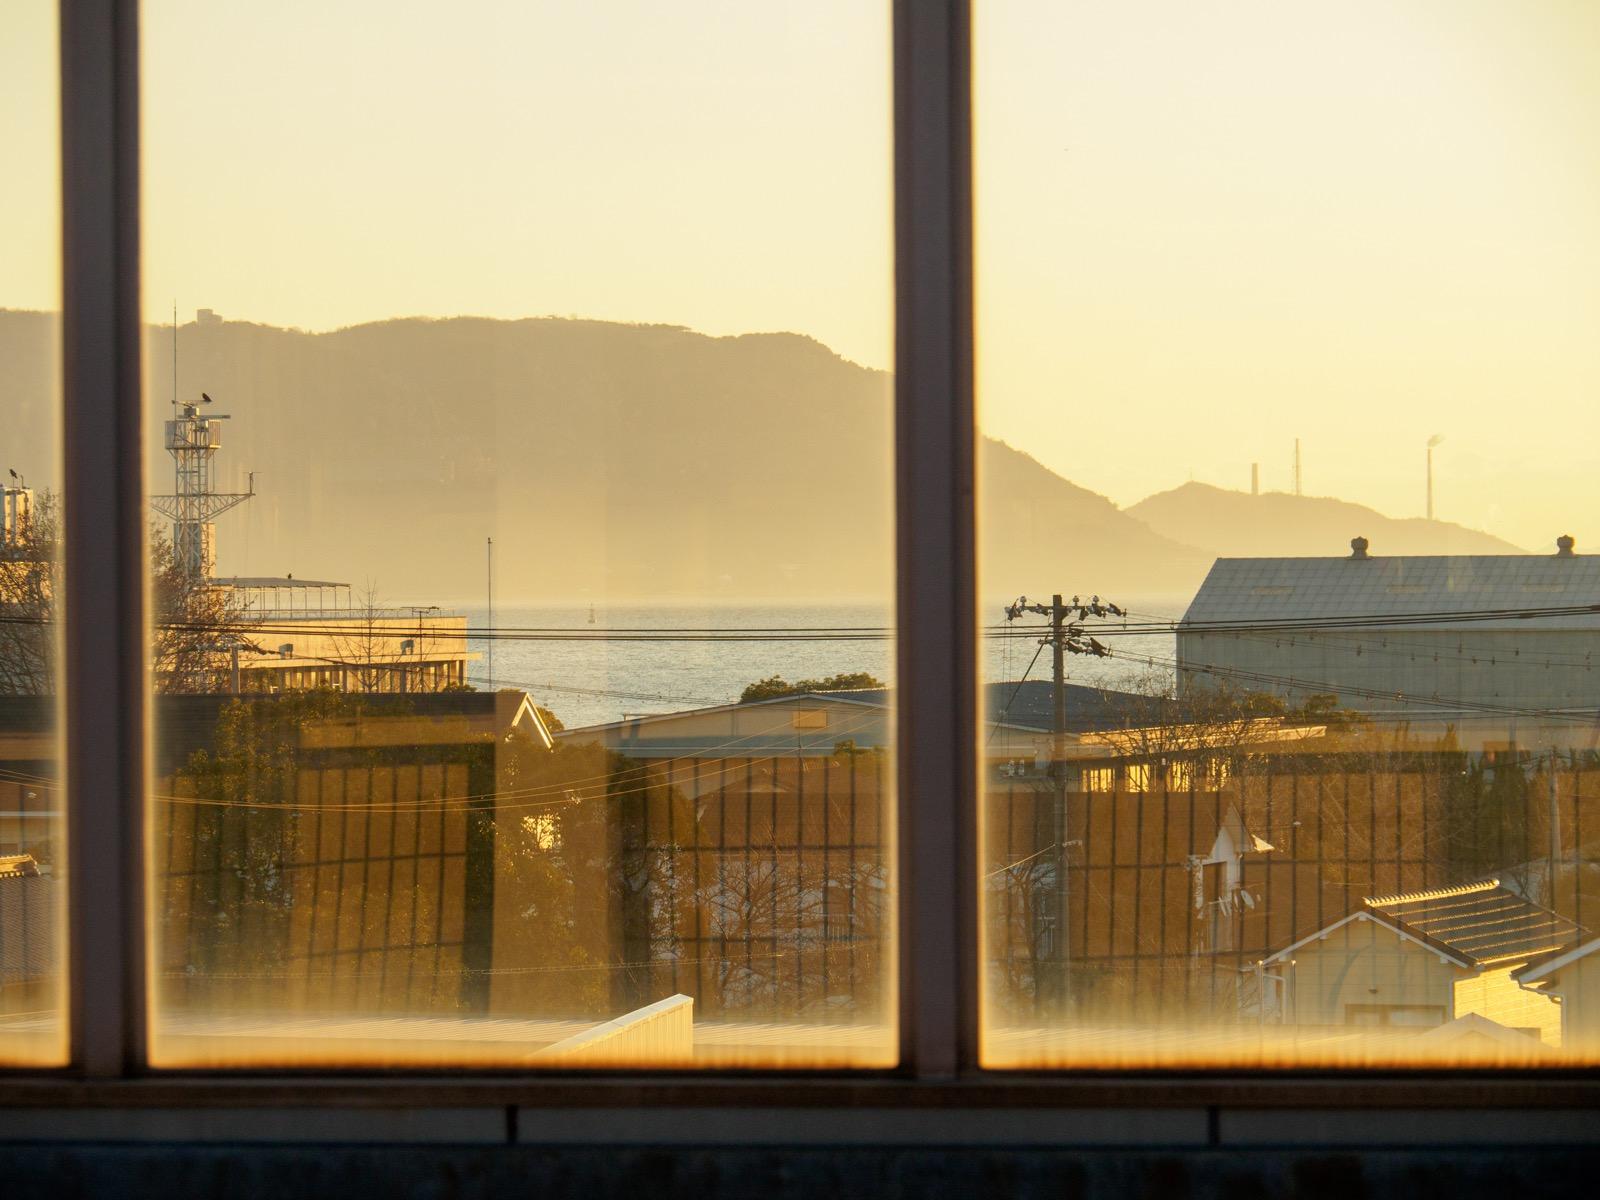 児島駅のホームから見た瀬戸内海